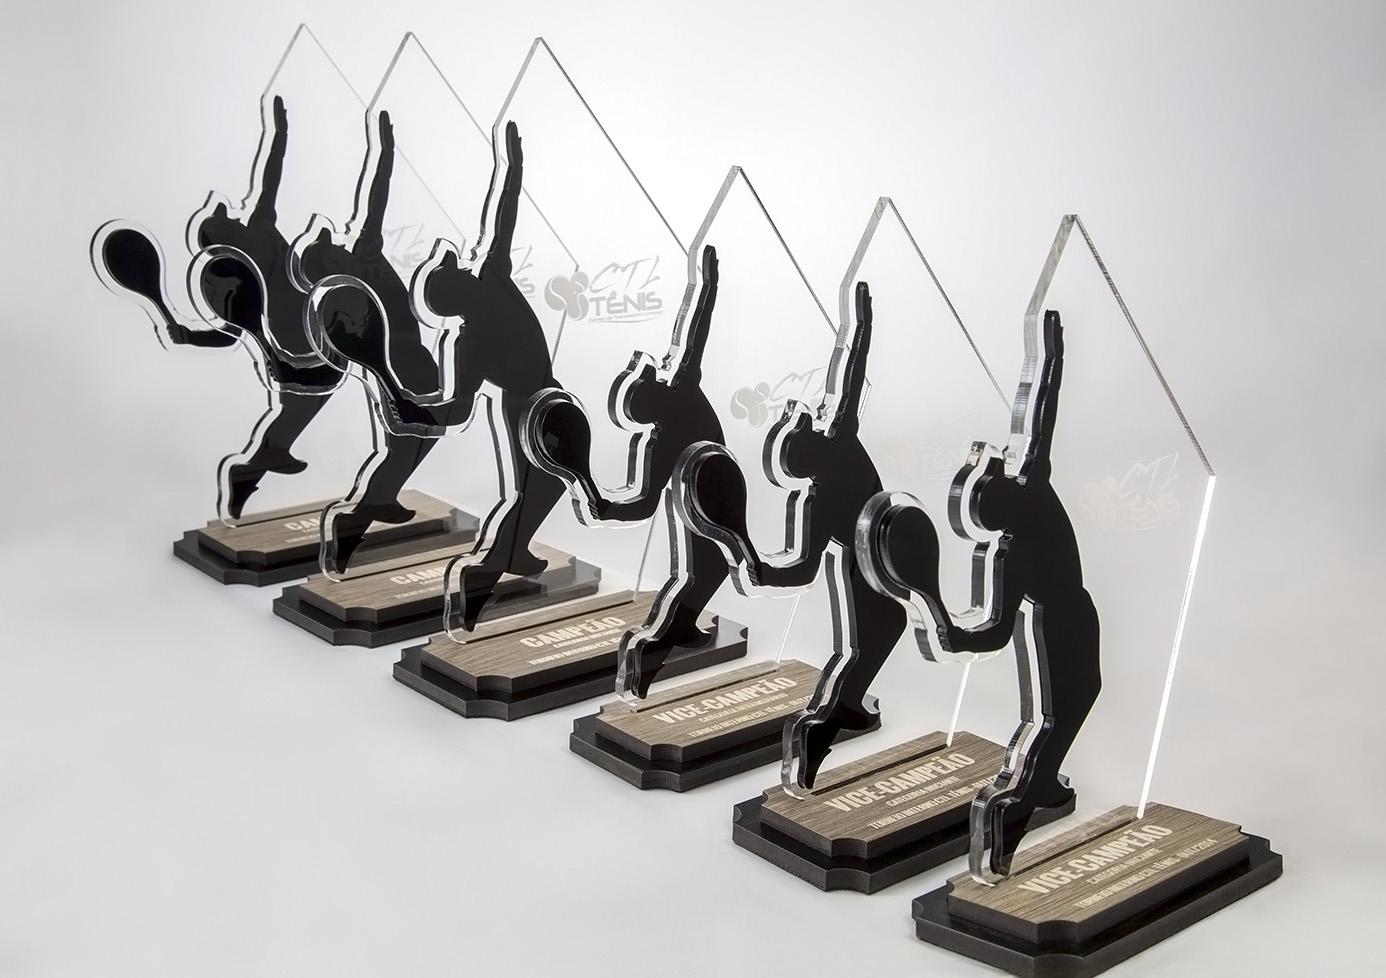 Troféu de Tênis de Campo - Campeão e Vice-Campeão em Acrílico e Madeira   Top Troféus